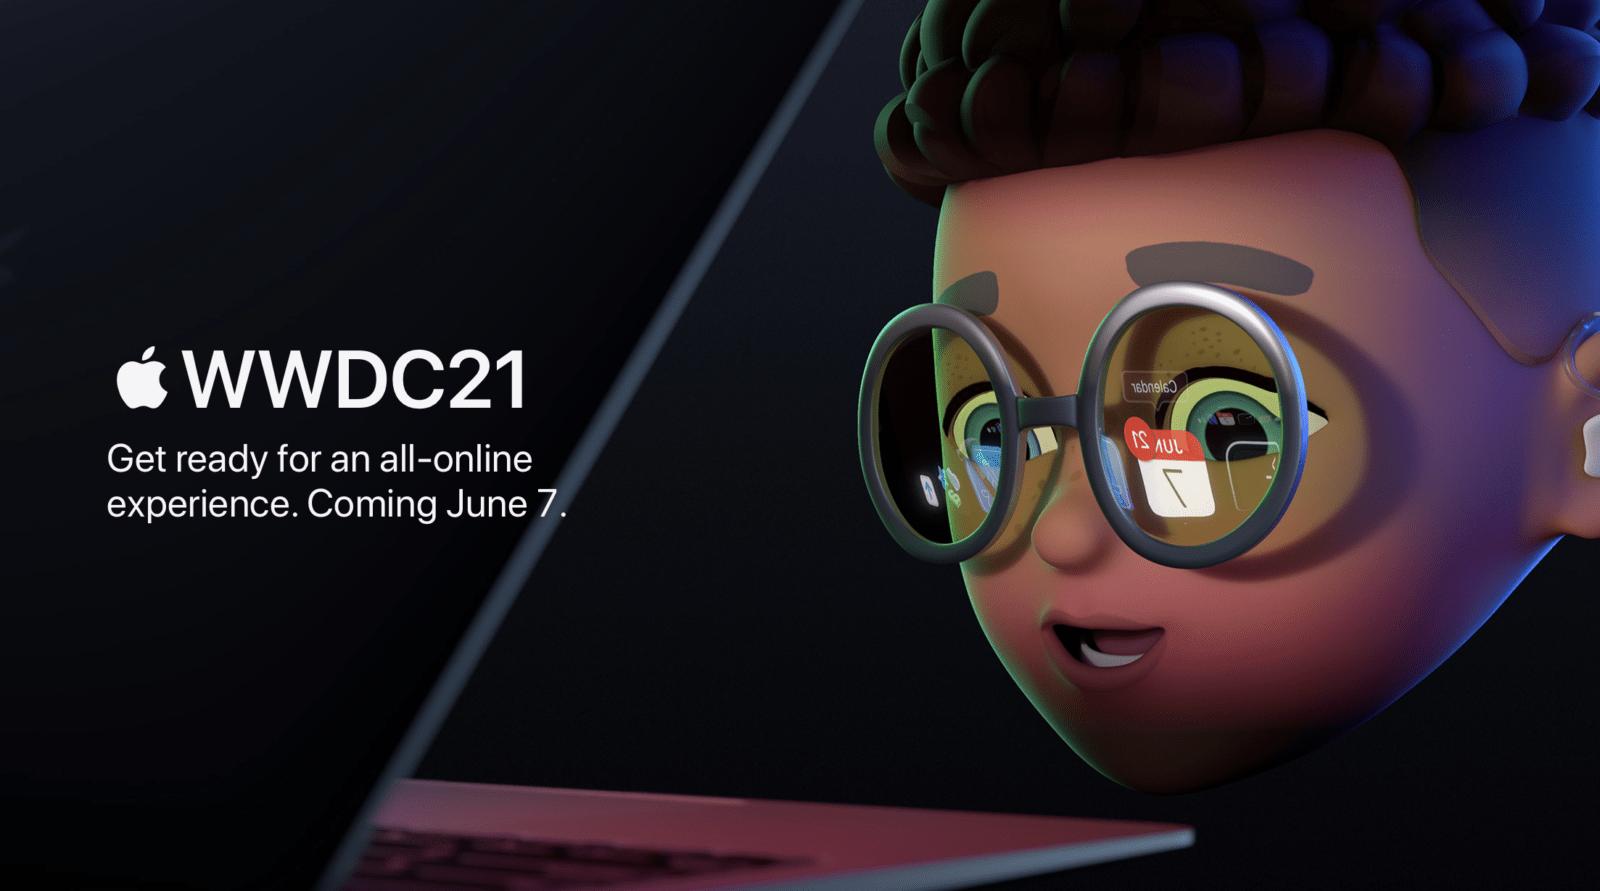 Всемирная конференция разработчиков Apple WWDC21 пройдёт в июне онлайн (screen shot 2021 03 30 at 09.01.46 am)